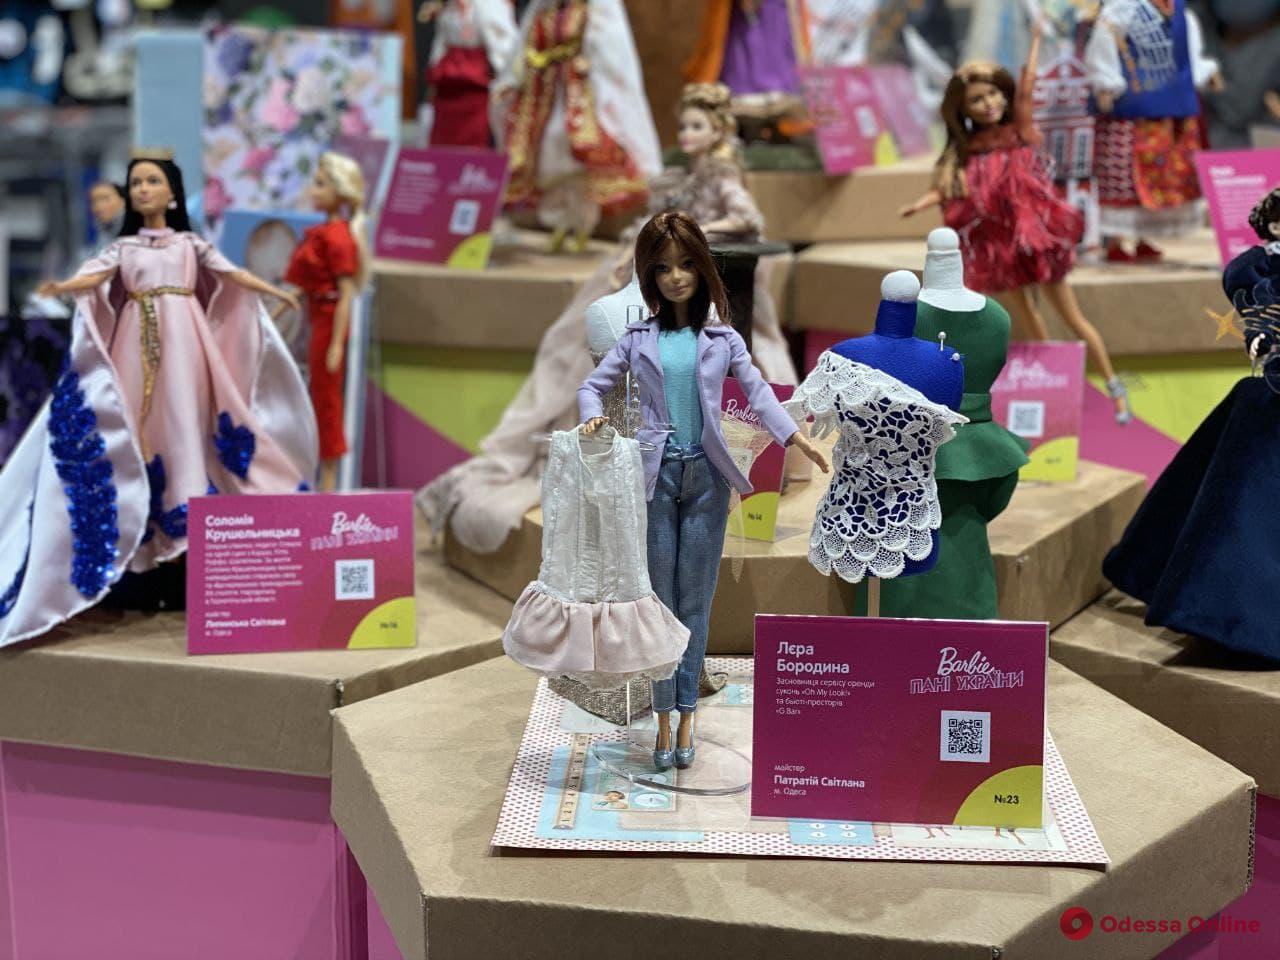 Леся Украинка, София Русова и Екатерина Ножевникова: в Одессе открыли выставку «Barbie: Пані України» (фото)